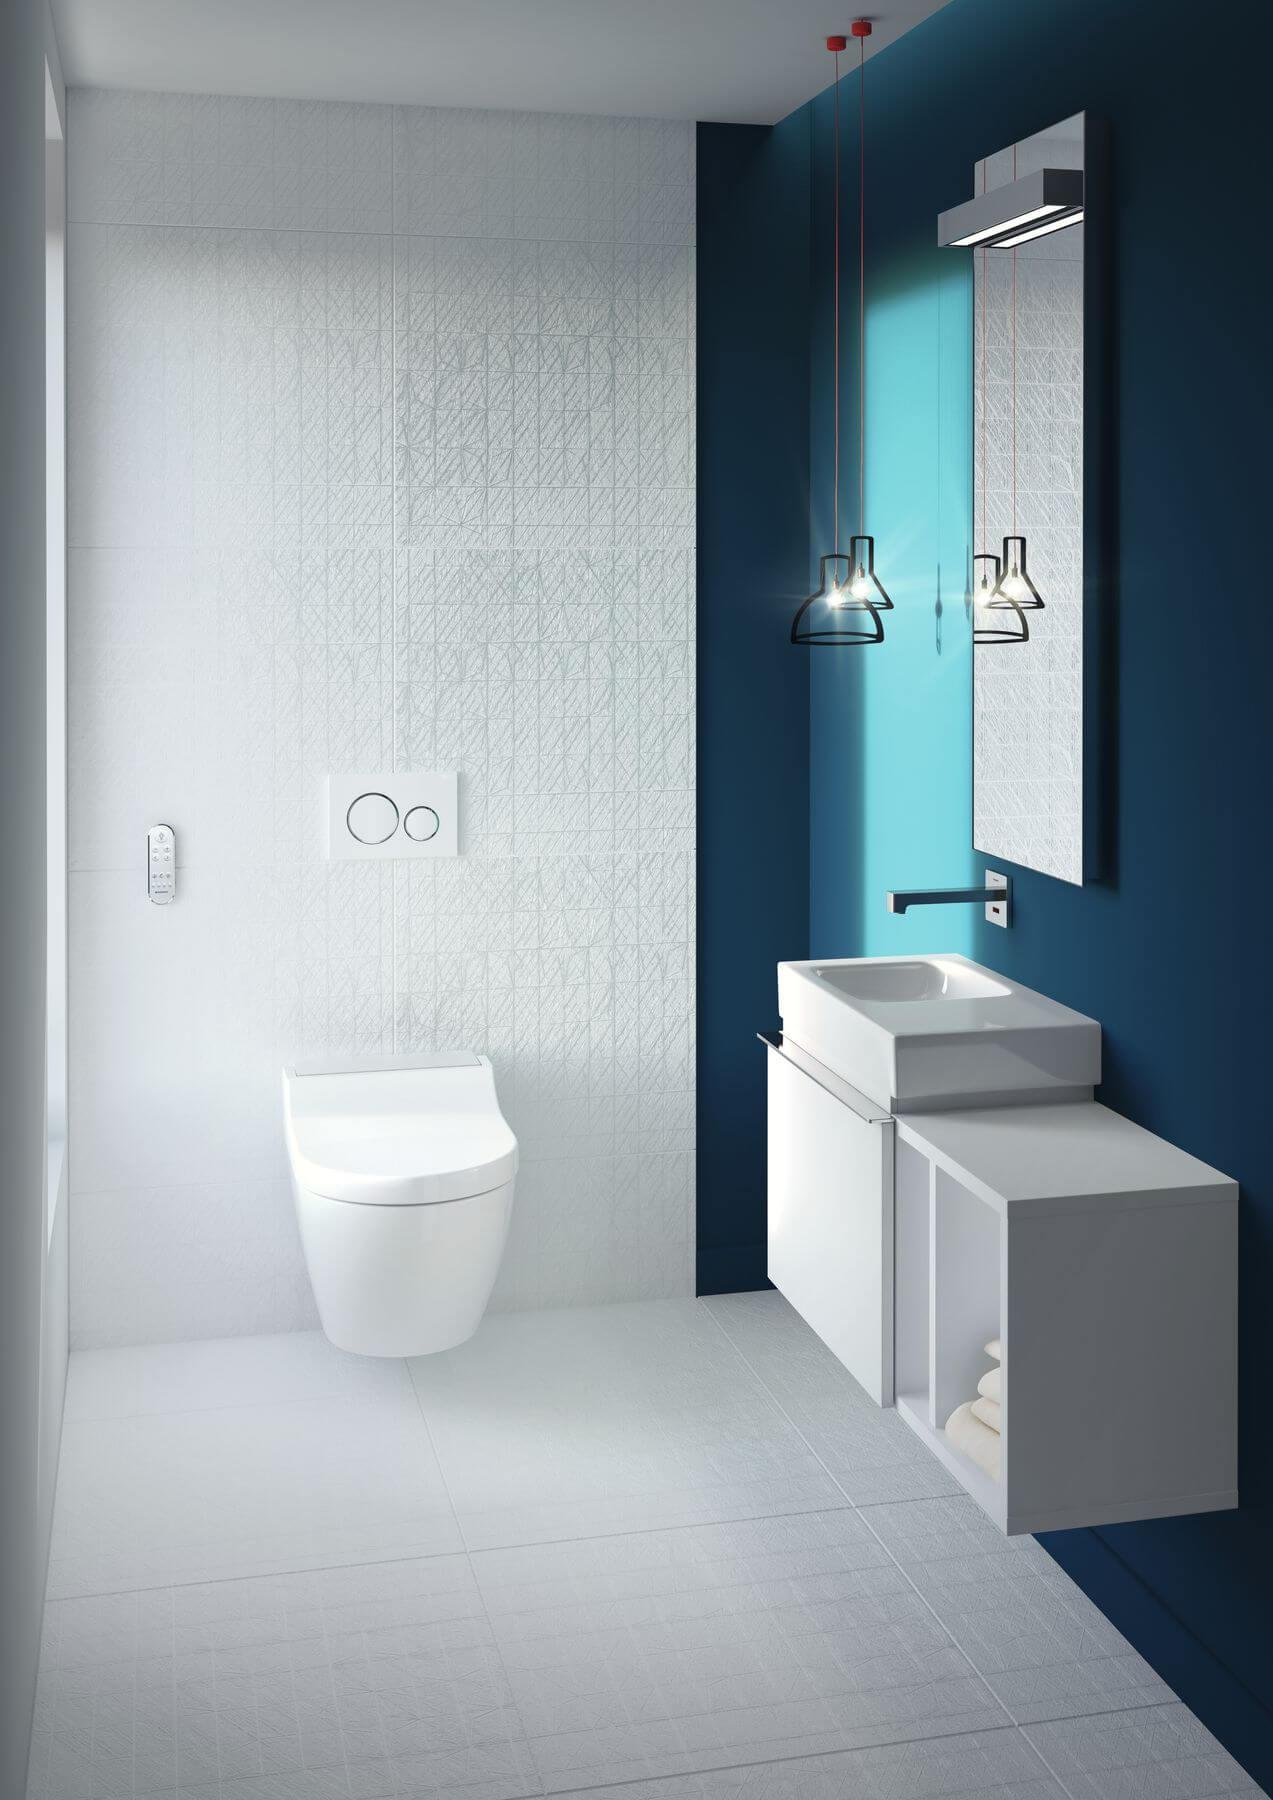 Soluções Geberit para melhorar a sua casa de banho pequena na próxima remodelação